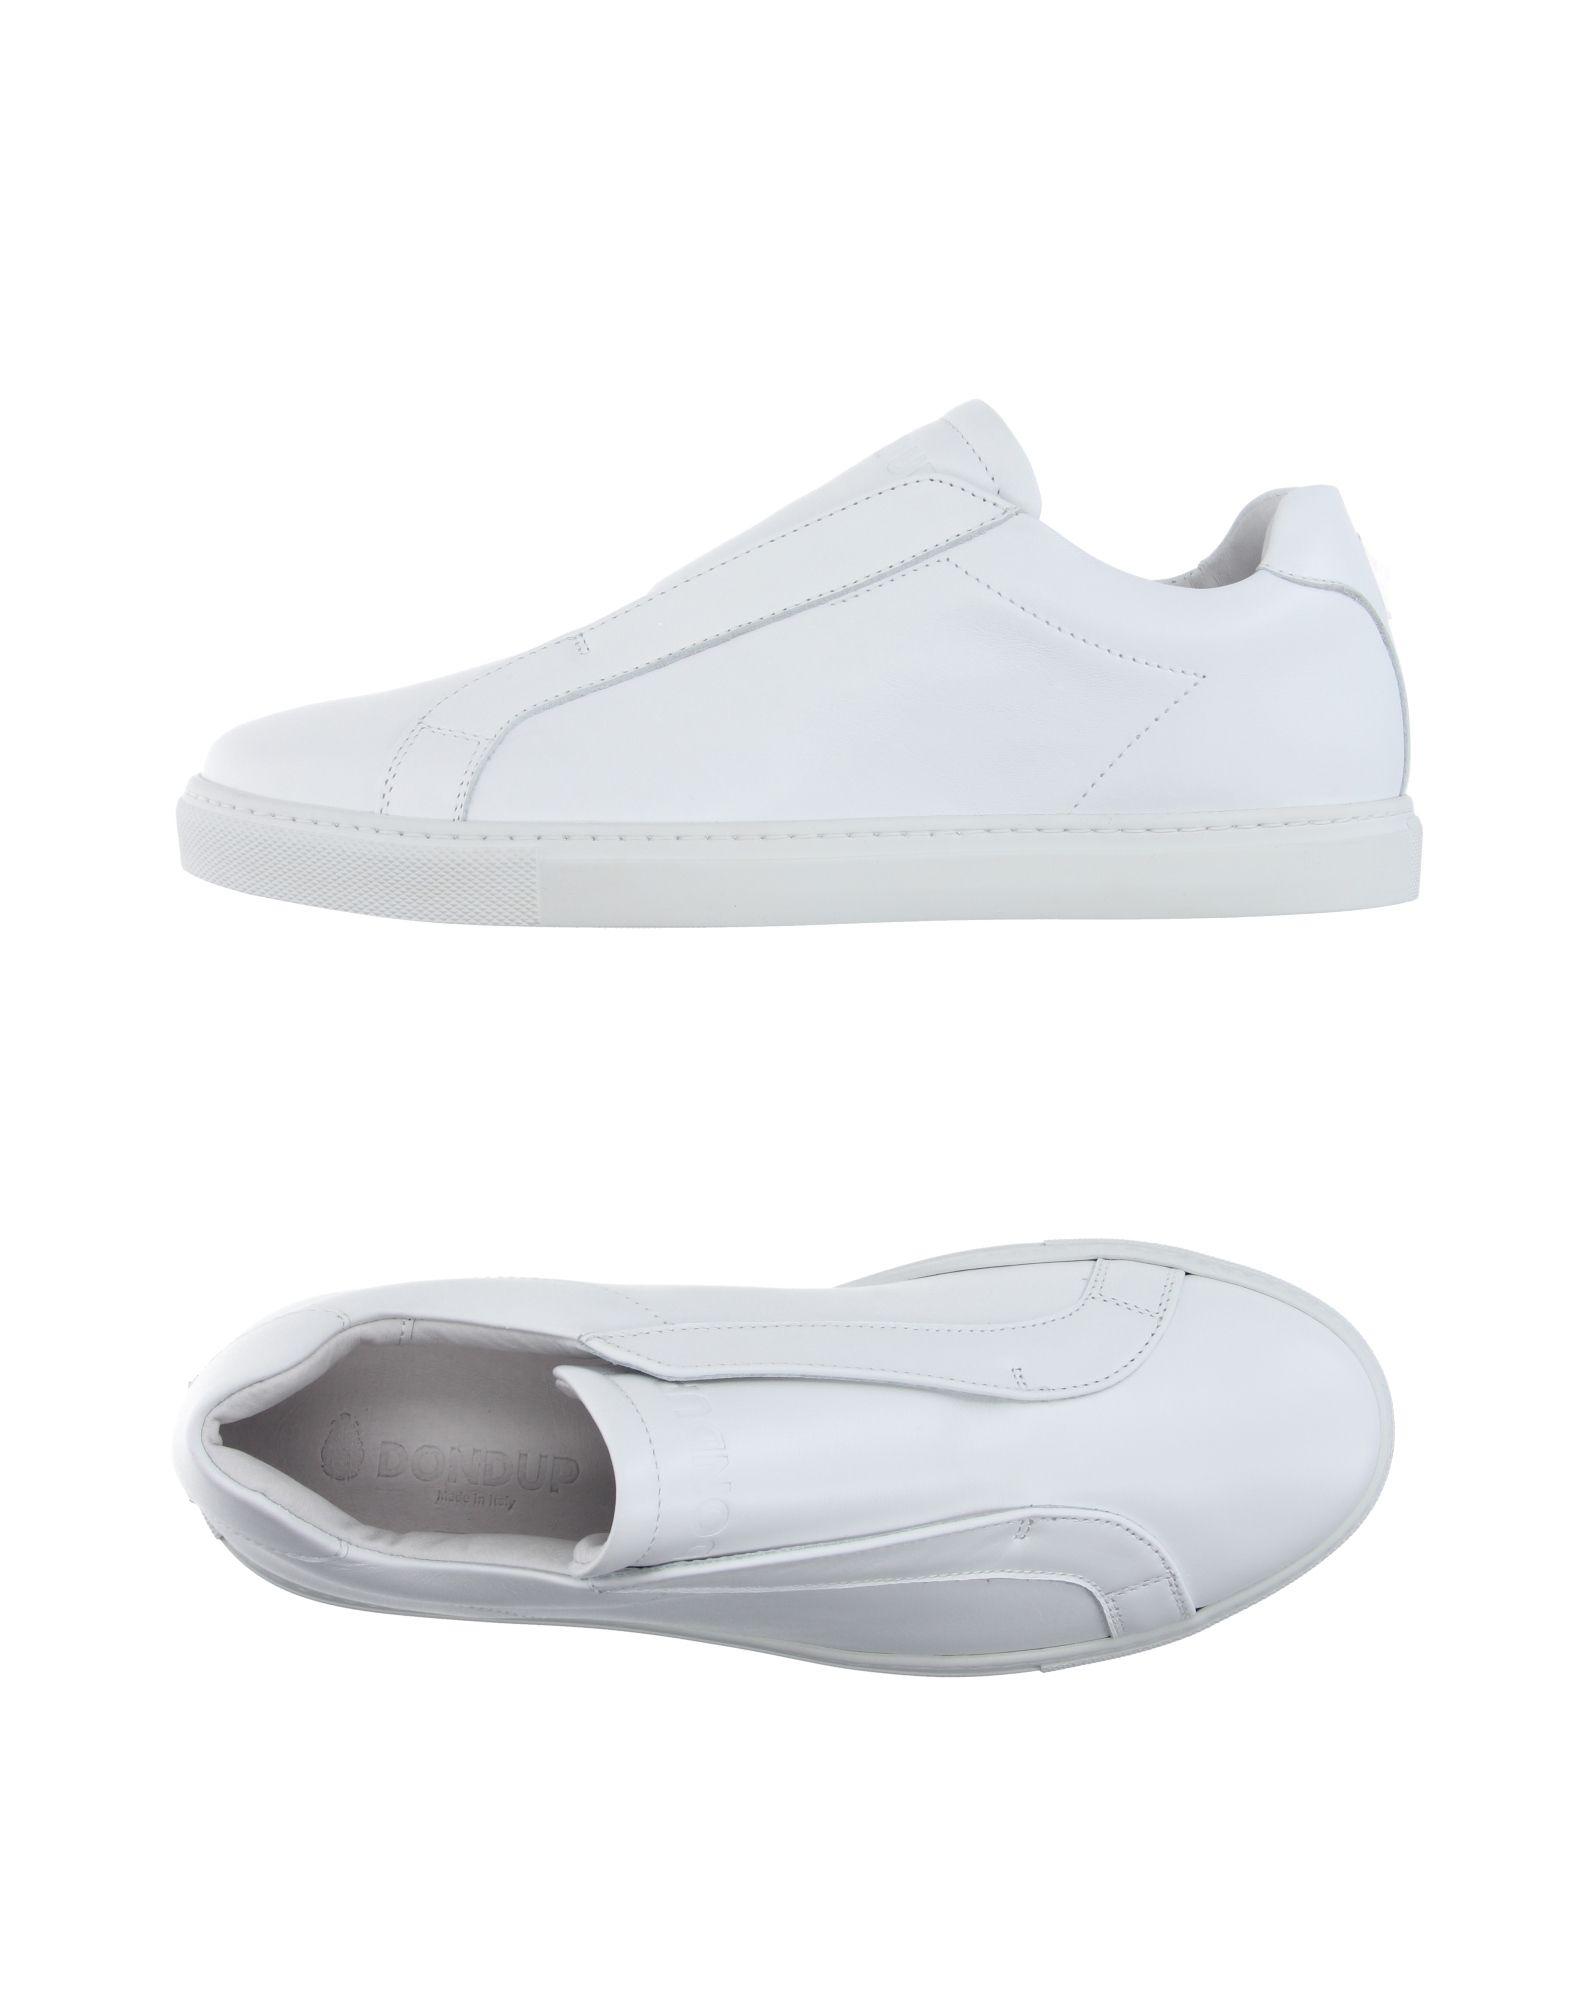 Dondup Gute Sneakers Herren  11116742QS Gute Dondup Qualität beliebte Schuhe 6badff